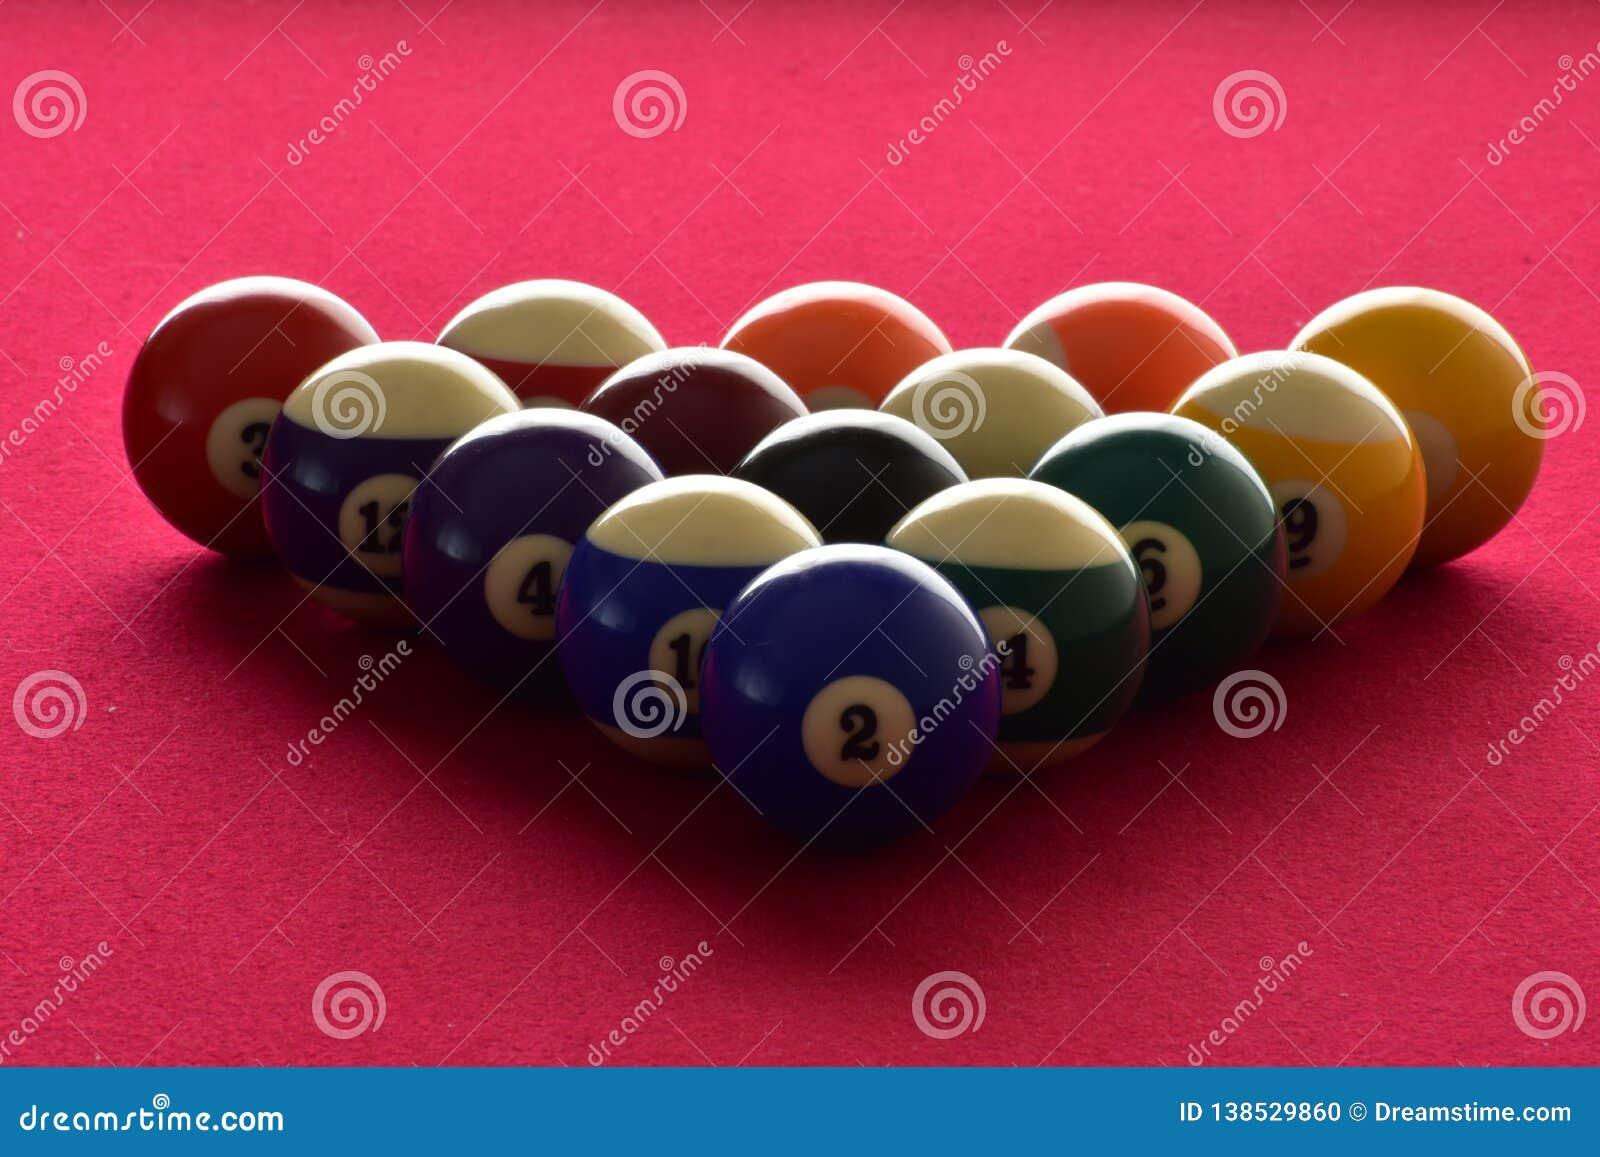 Bolas de billar en una mesa de billar sentida roja